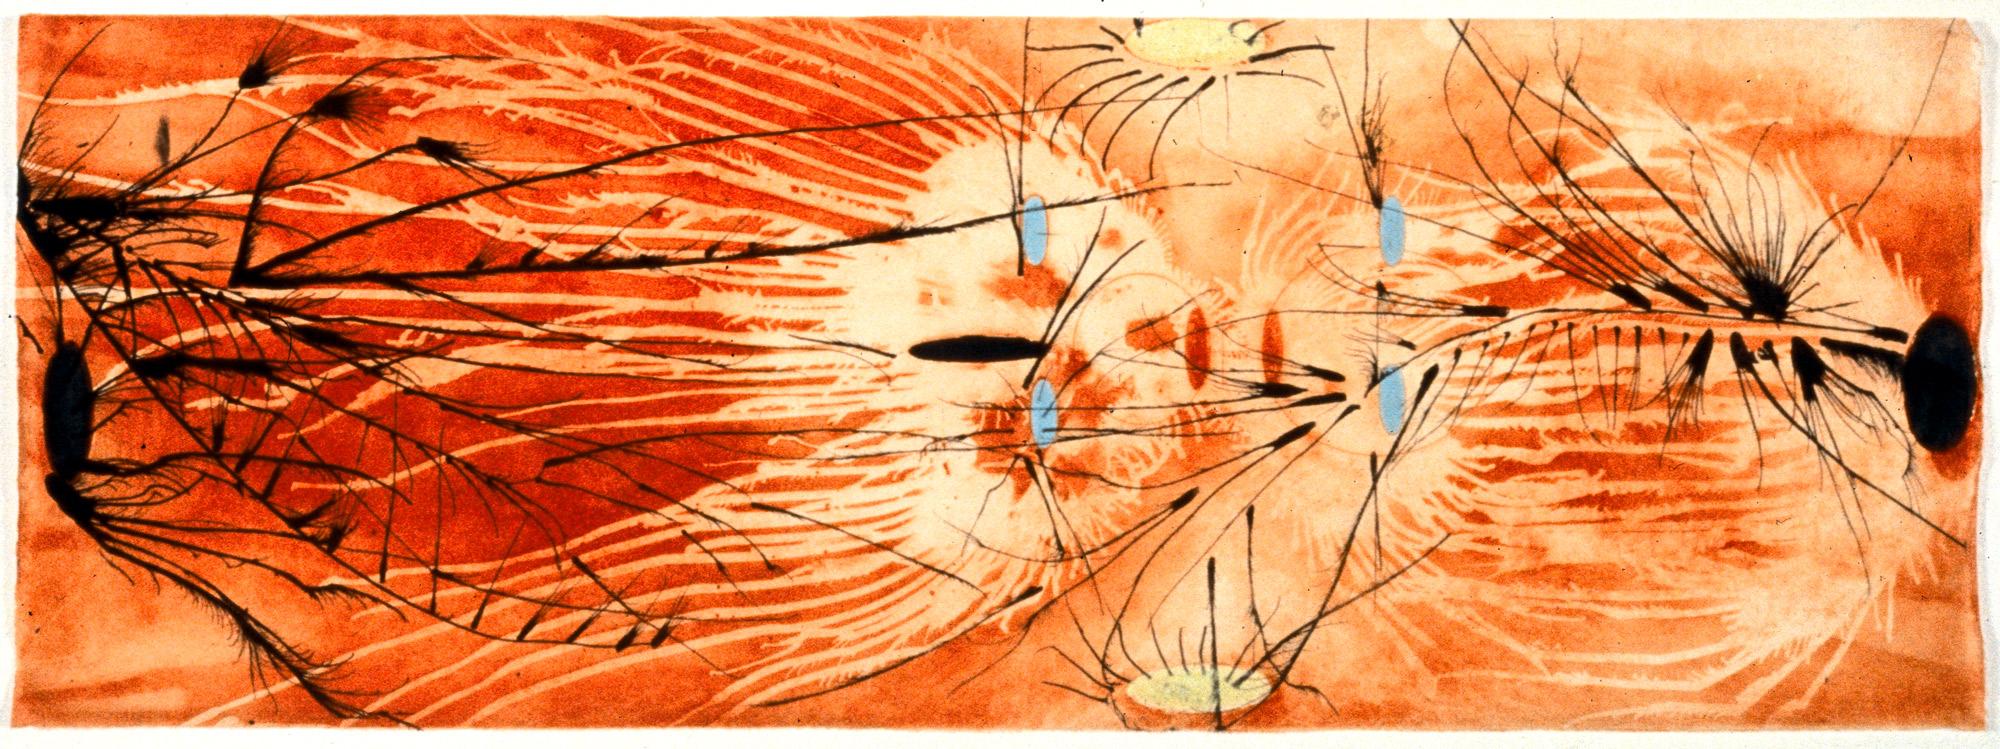 Eye to Eye, 1996